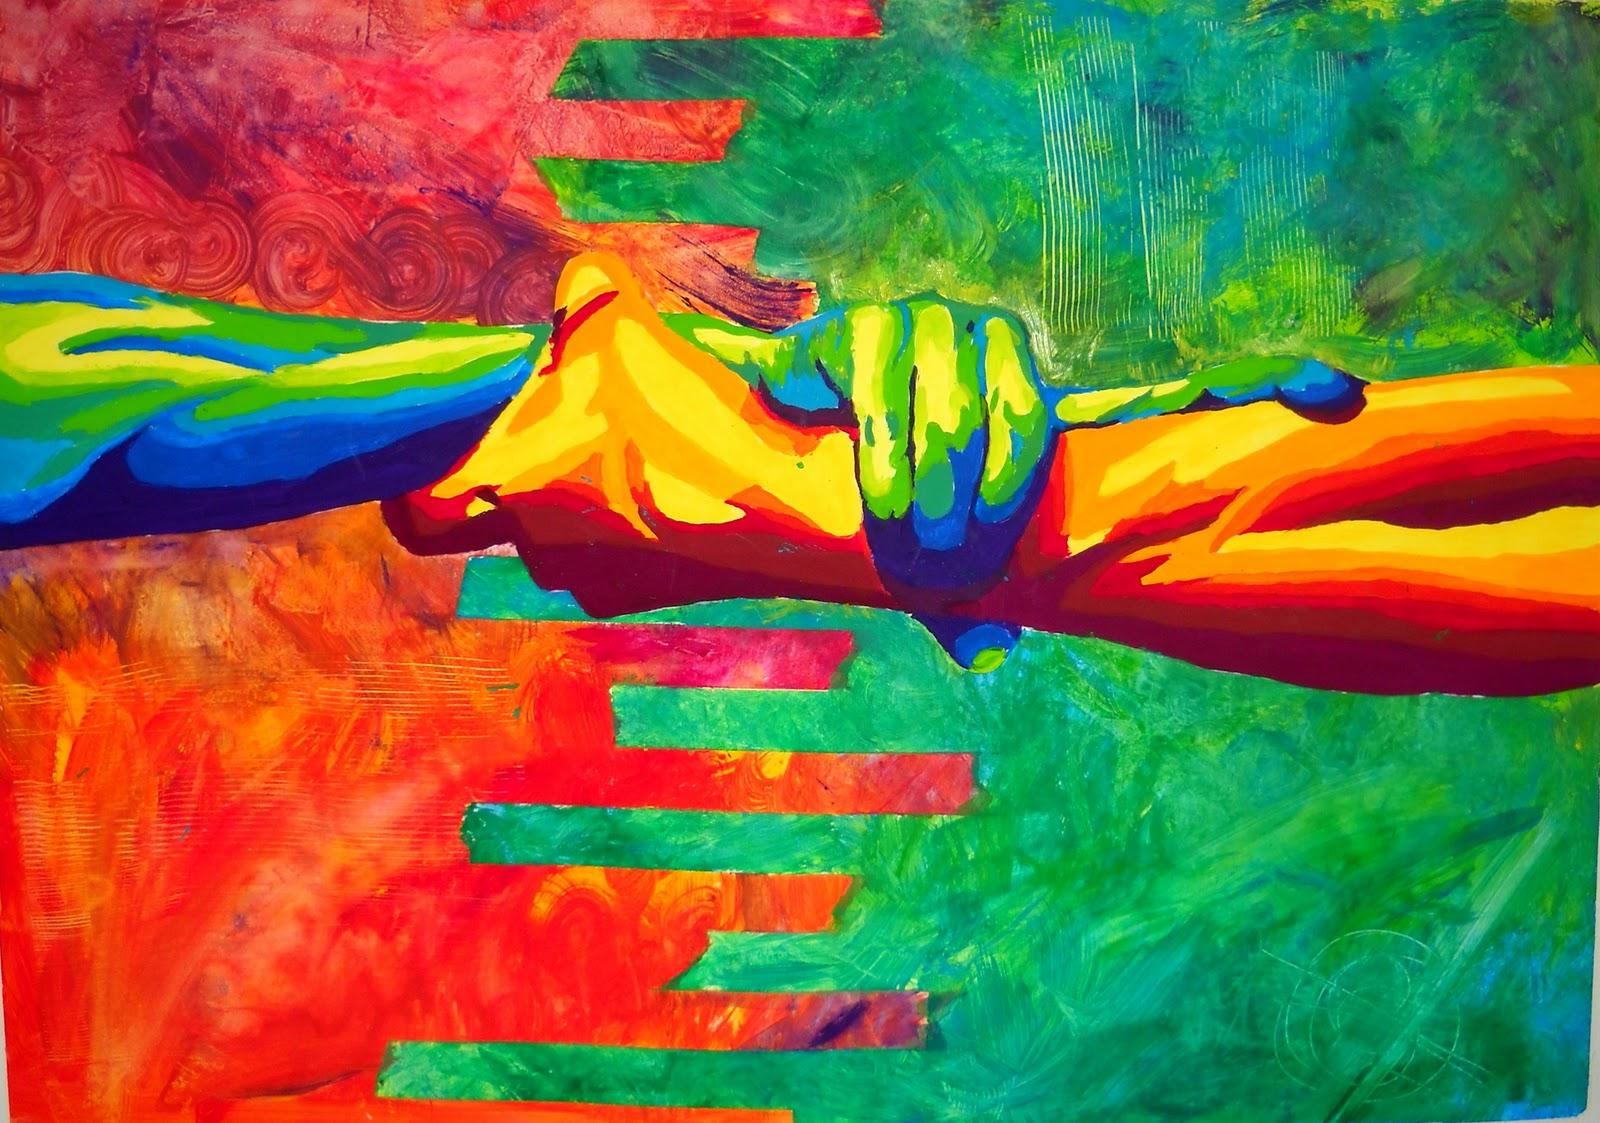 Artestudio colores c lidos y fr os - Imagenes de colores calidos ...